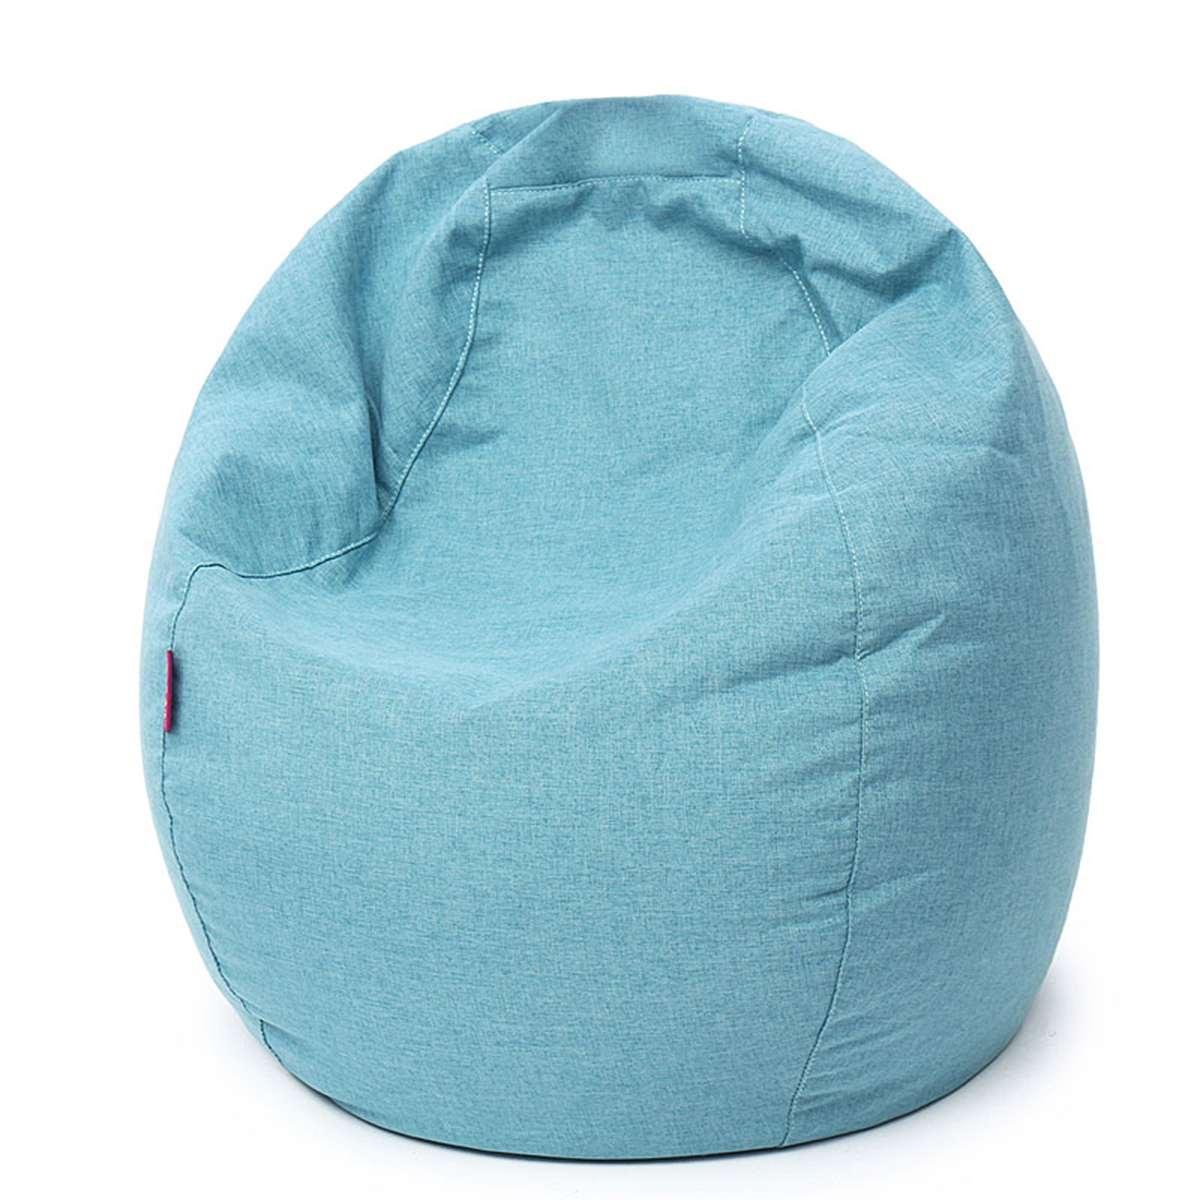 60*70 cm paresseux haricot sac canapé chaise lin tissu chaise longue siège canapé haricot sac Pouf bouffée canapé Tatami salon pour enfants adultes